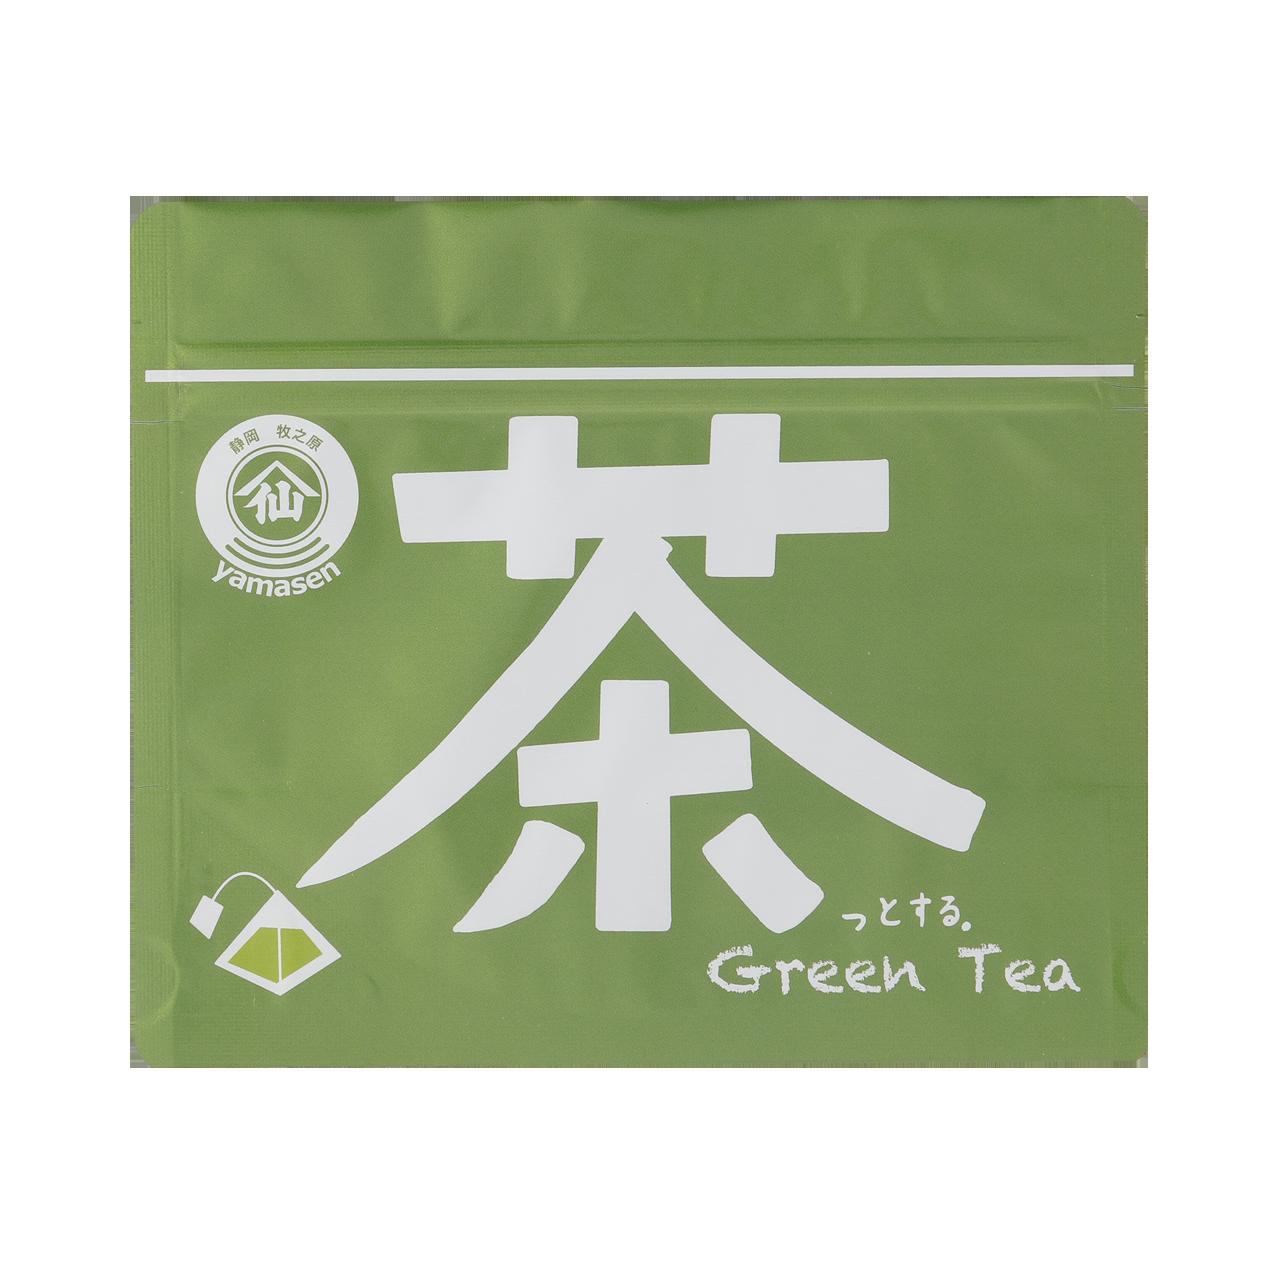 ホッとする緑茶ティーパック